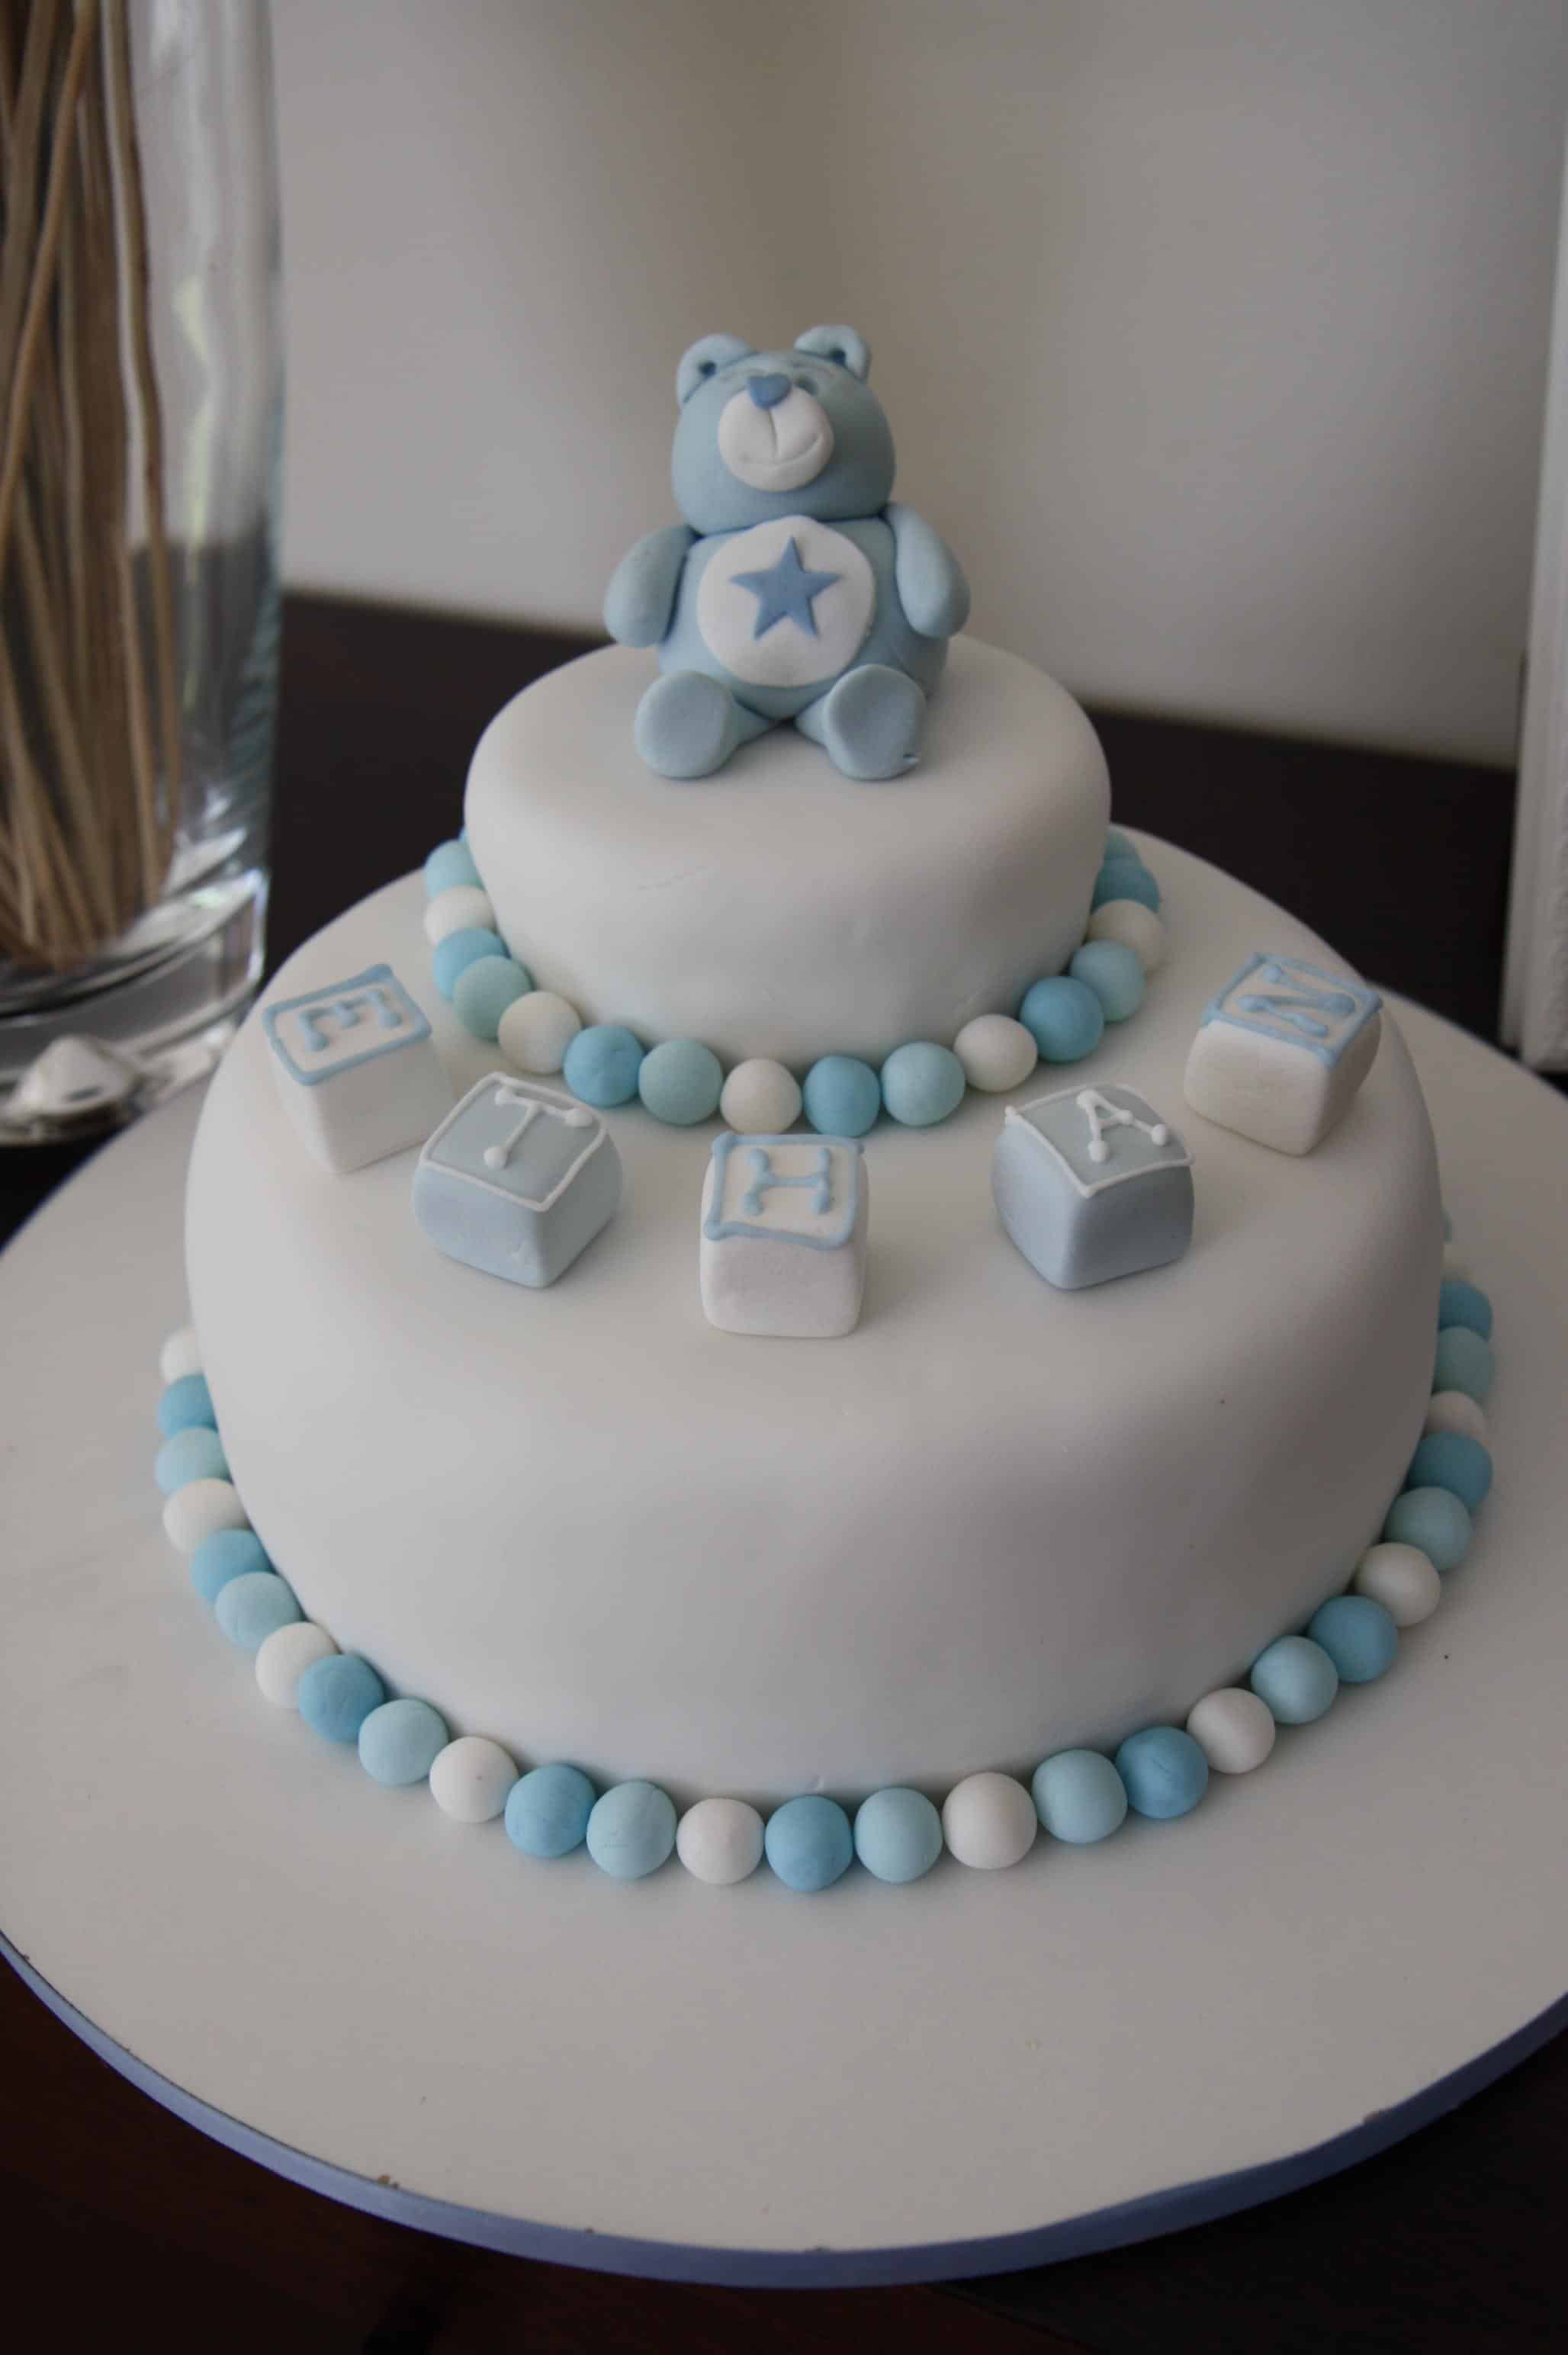 Las 35 mejoras tortas para celebrar un bautismo de ni±os Mujeres